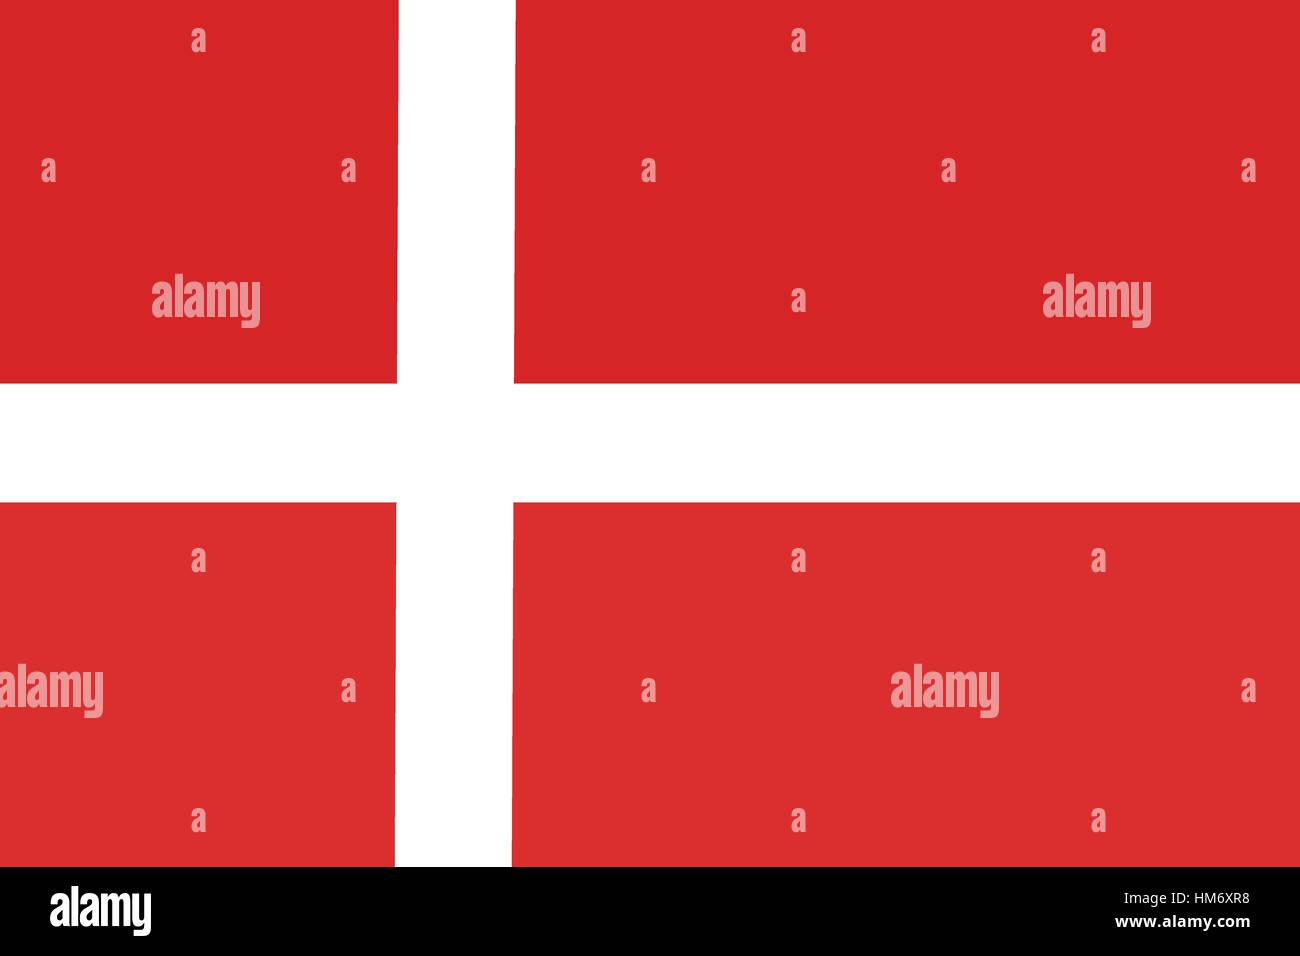 Denmark flag ,Denmark national flag 3D illustration symbol. - Stock Image